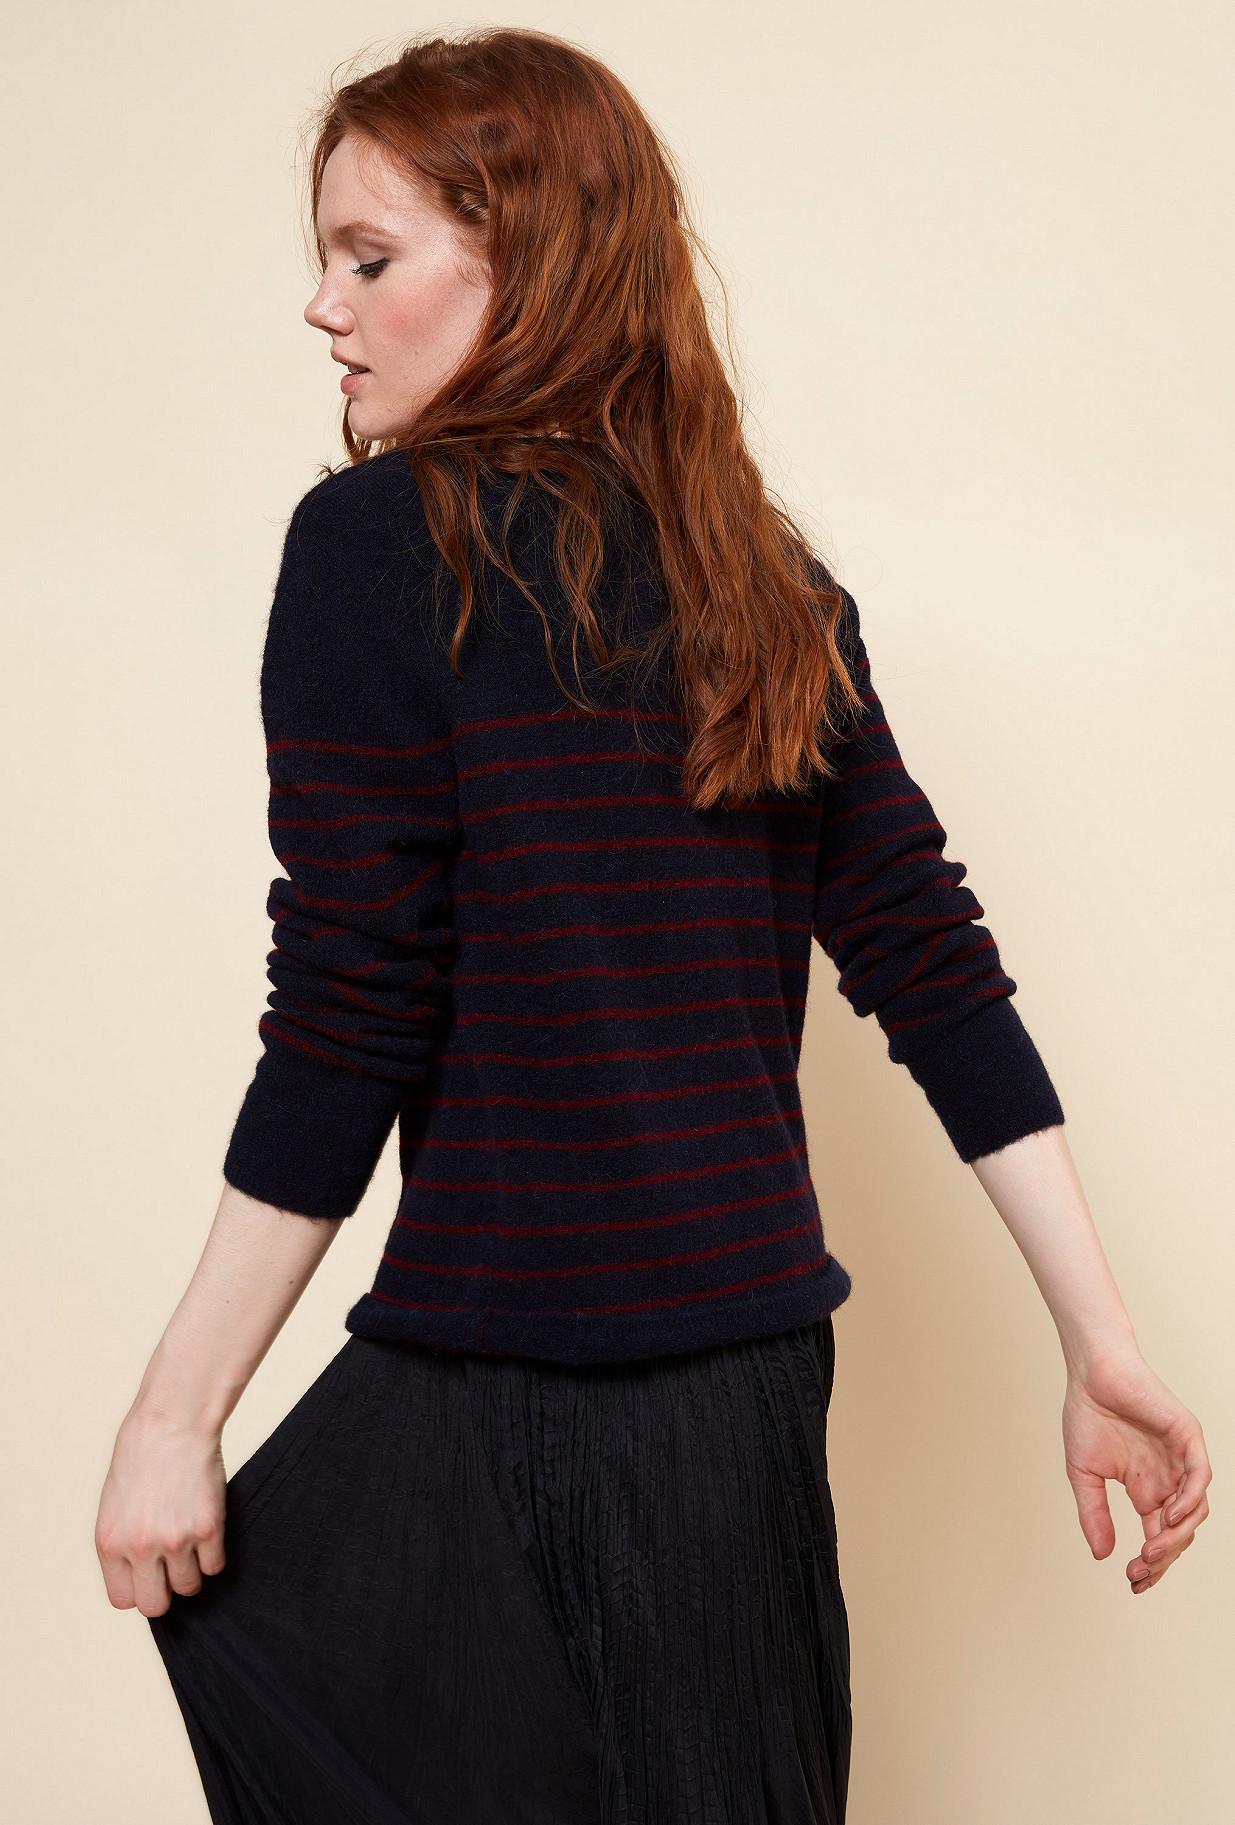 Paris boutique de mode vêtement Maille créateur bohème Artaud